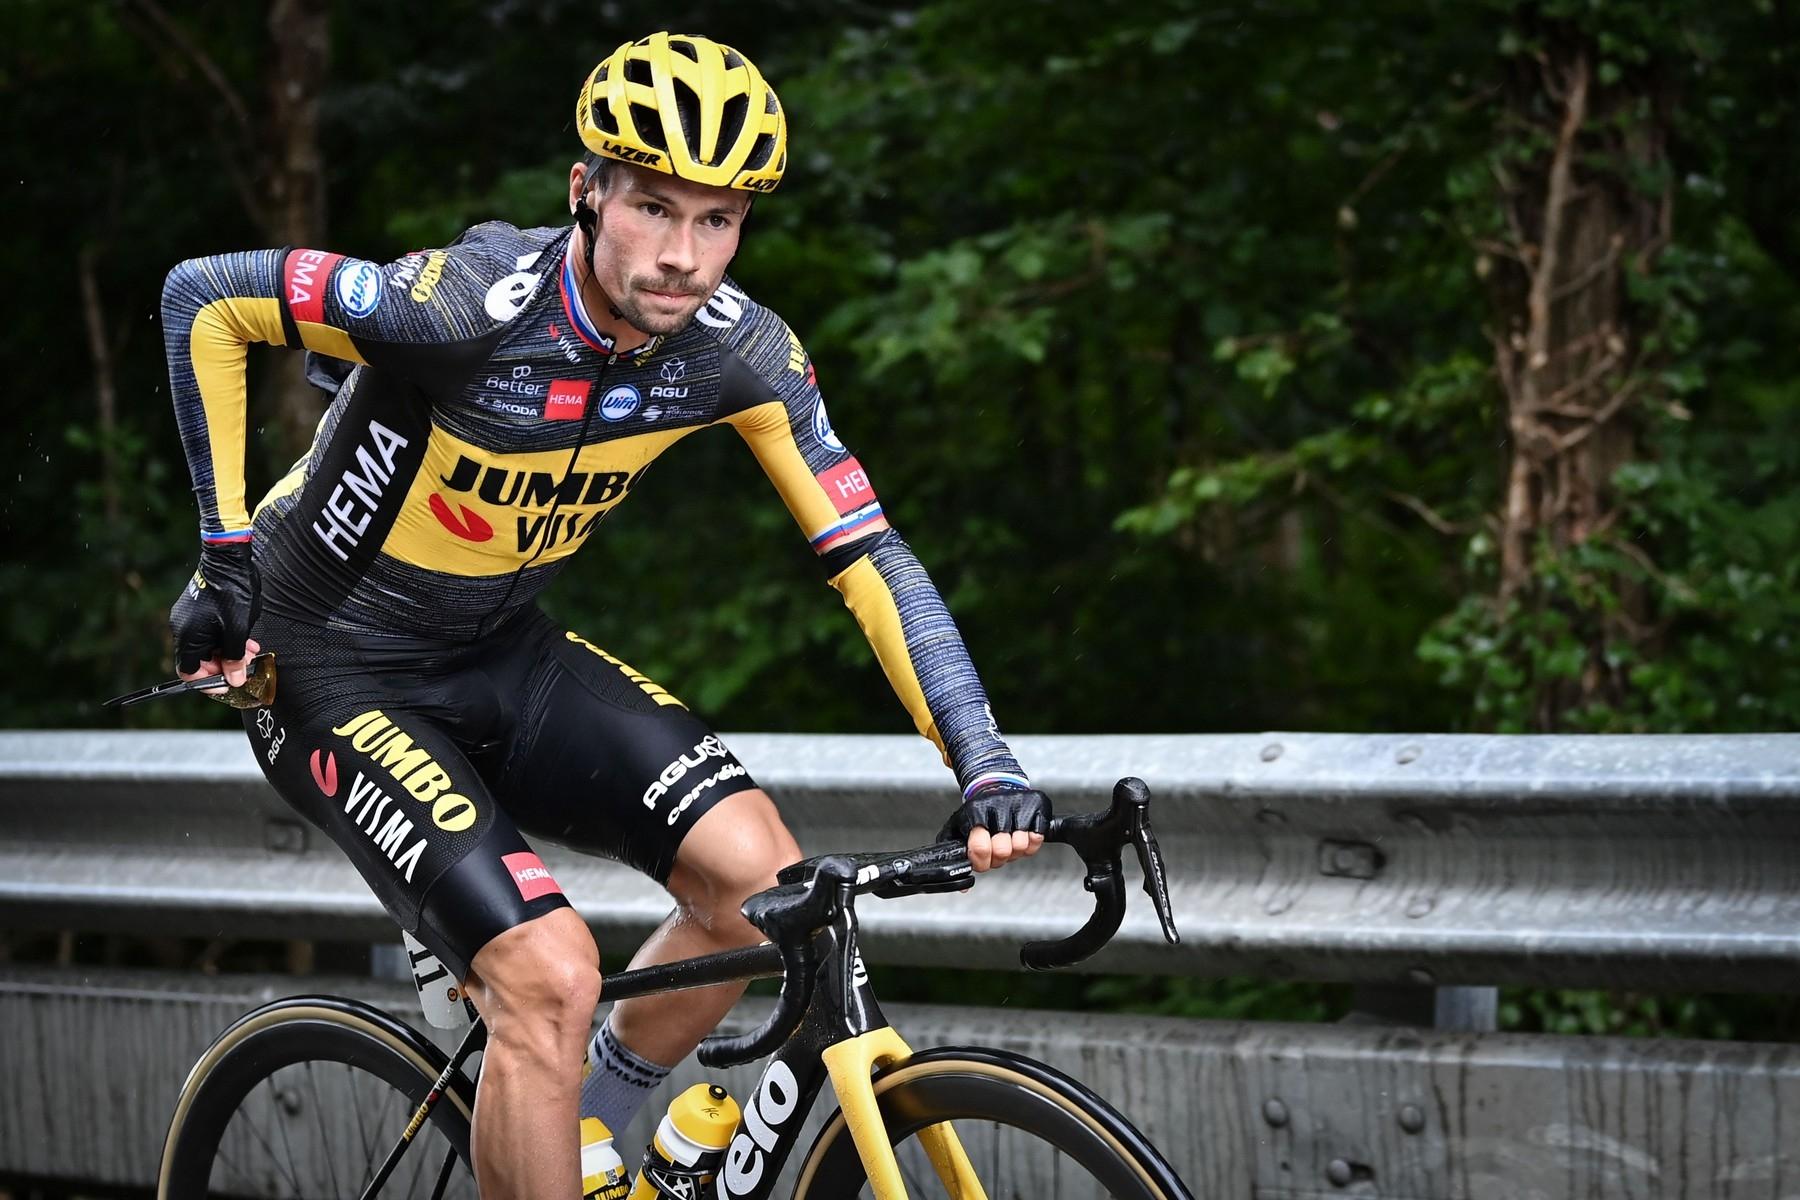 Primož Roglič a jeho vyčerpaný výraz při Tour de France, kde překonával velké bolesti, aby nakonec odstoupil. Foto: profimedia (2x)